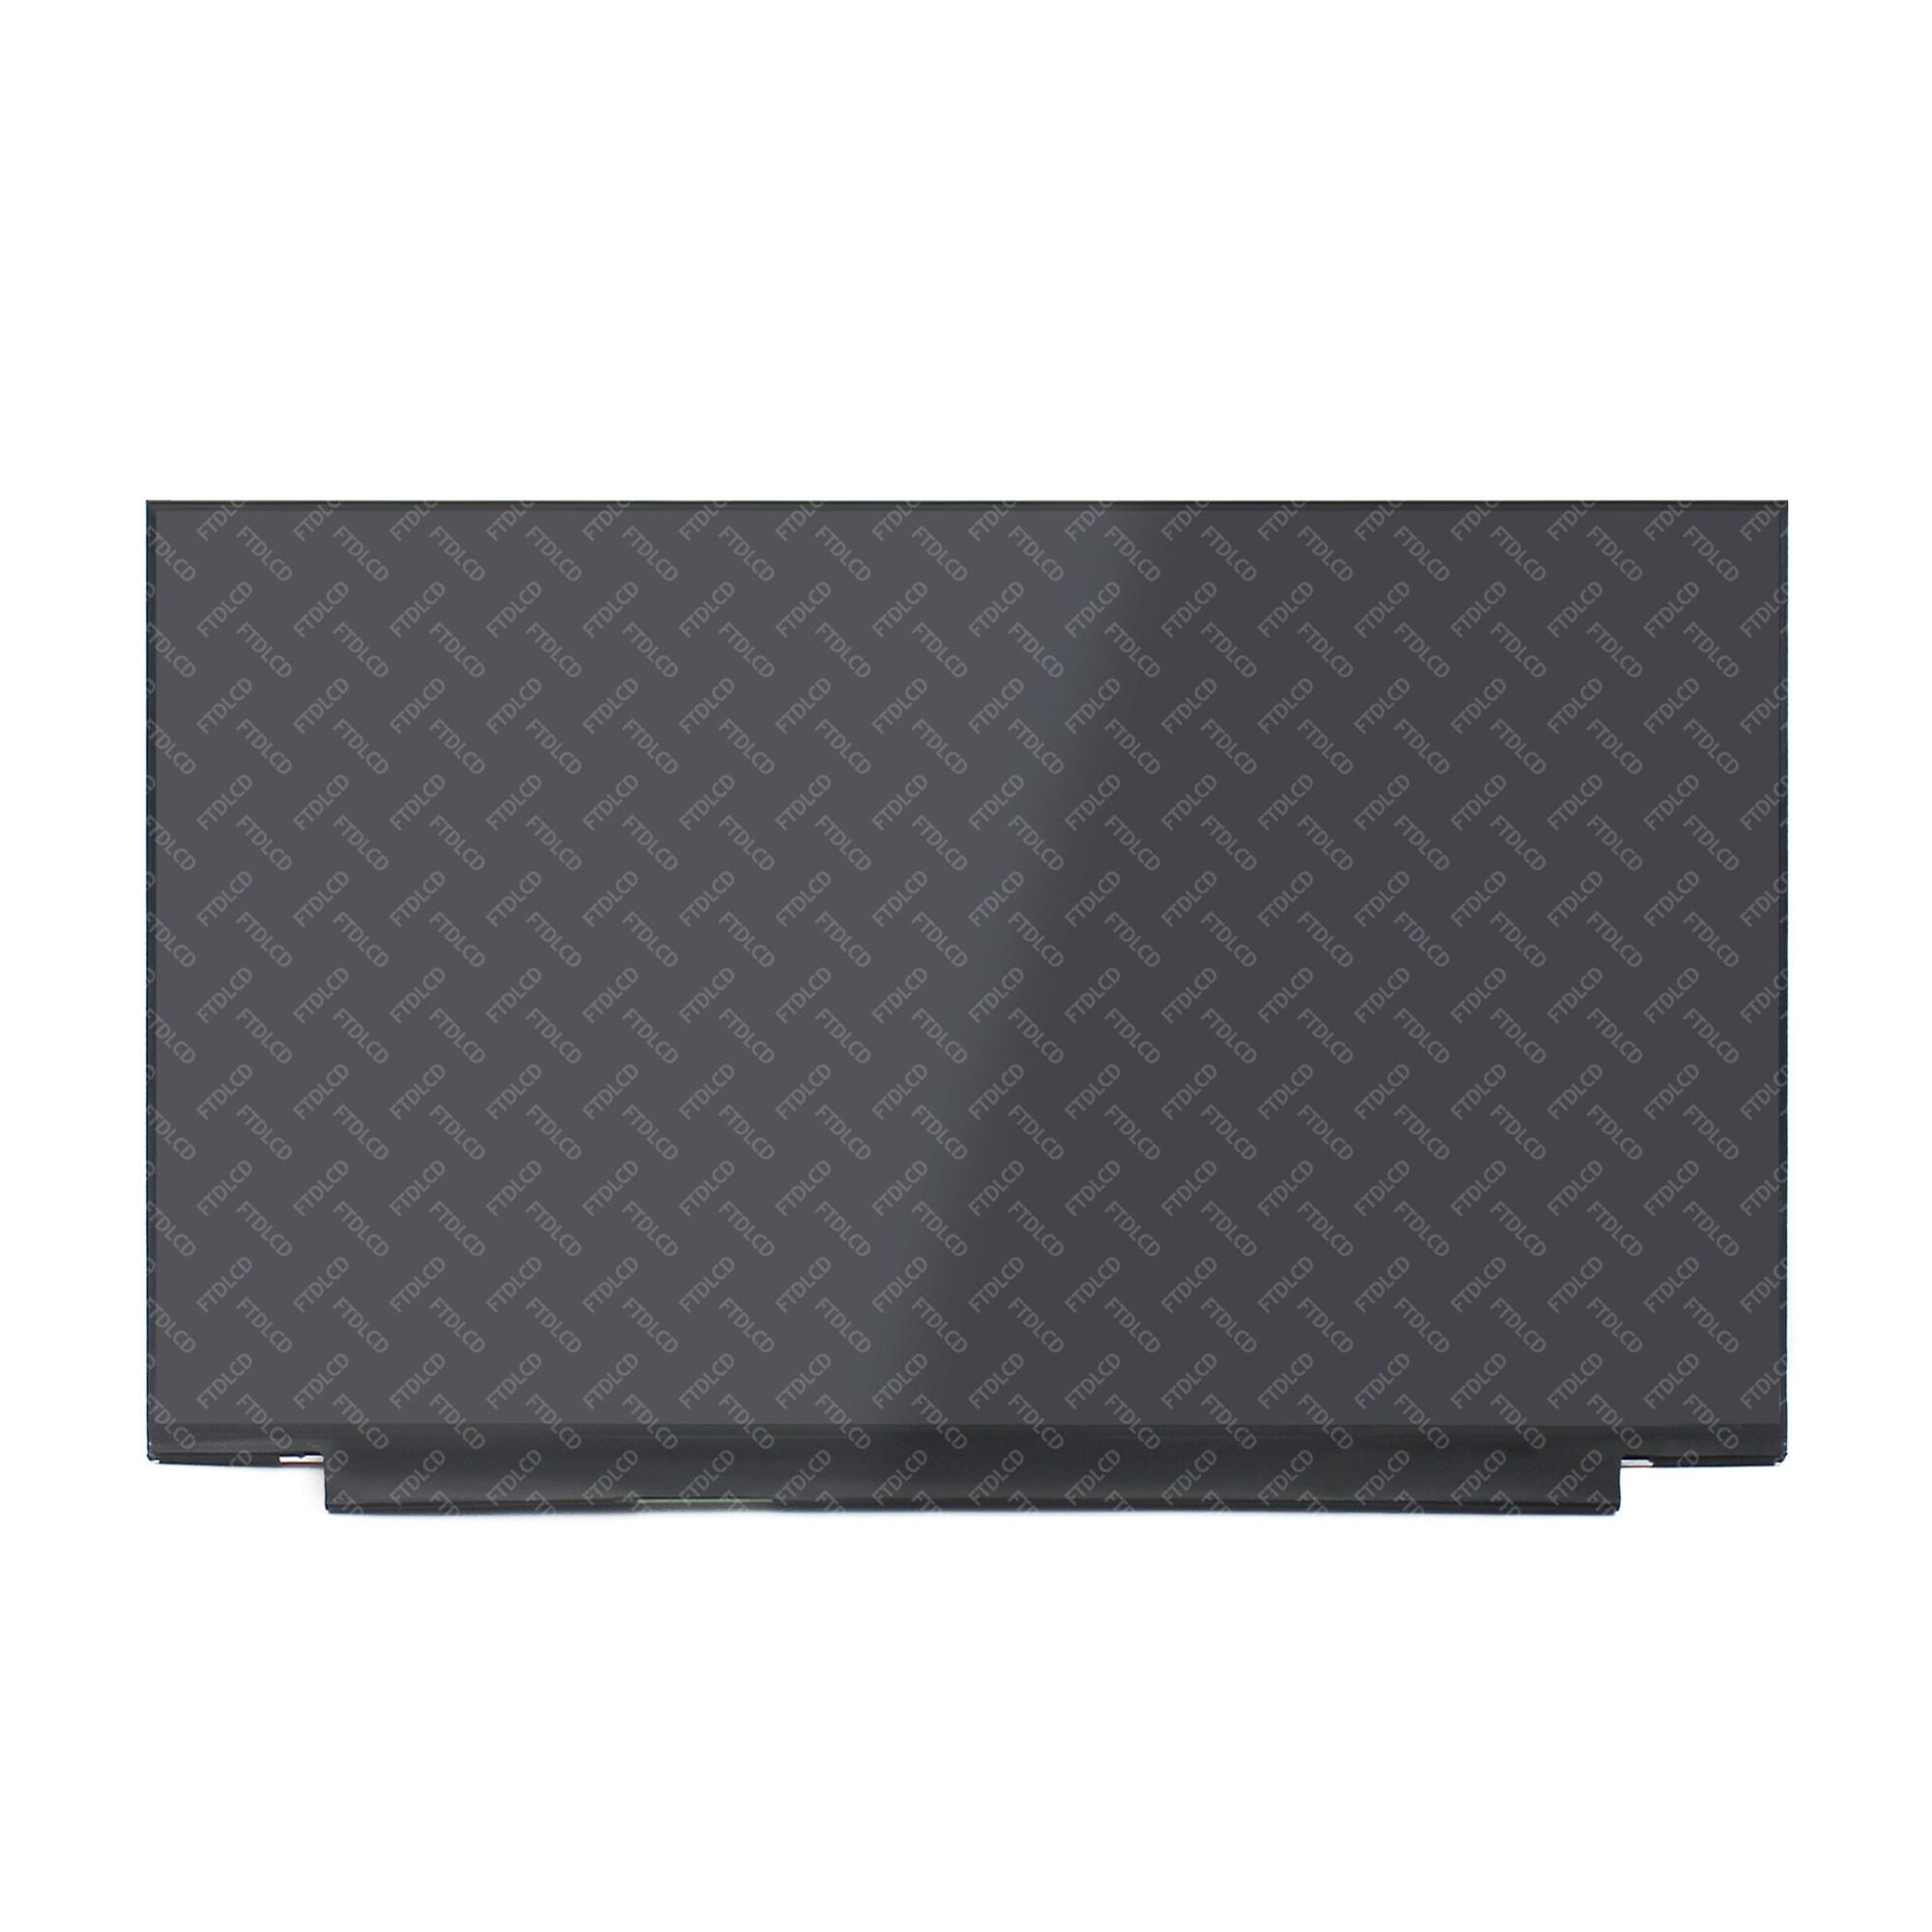 [해외] 144Hz 72%NTC ASUS TUF Gaming A15 FX505DT-AL118 FX505DT-AL003용 노트북액정교체 IPS패널 새제품